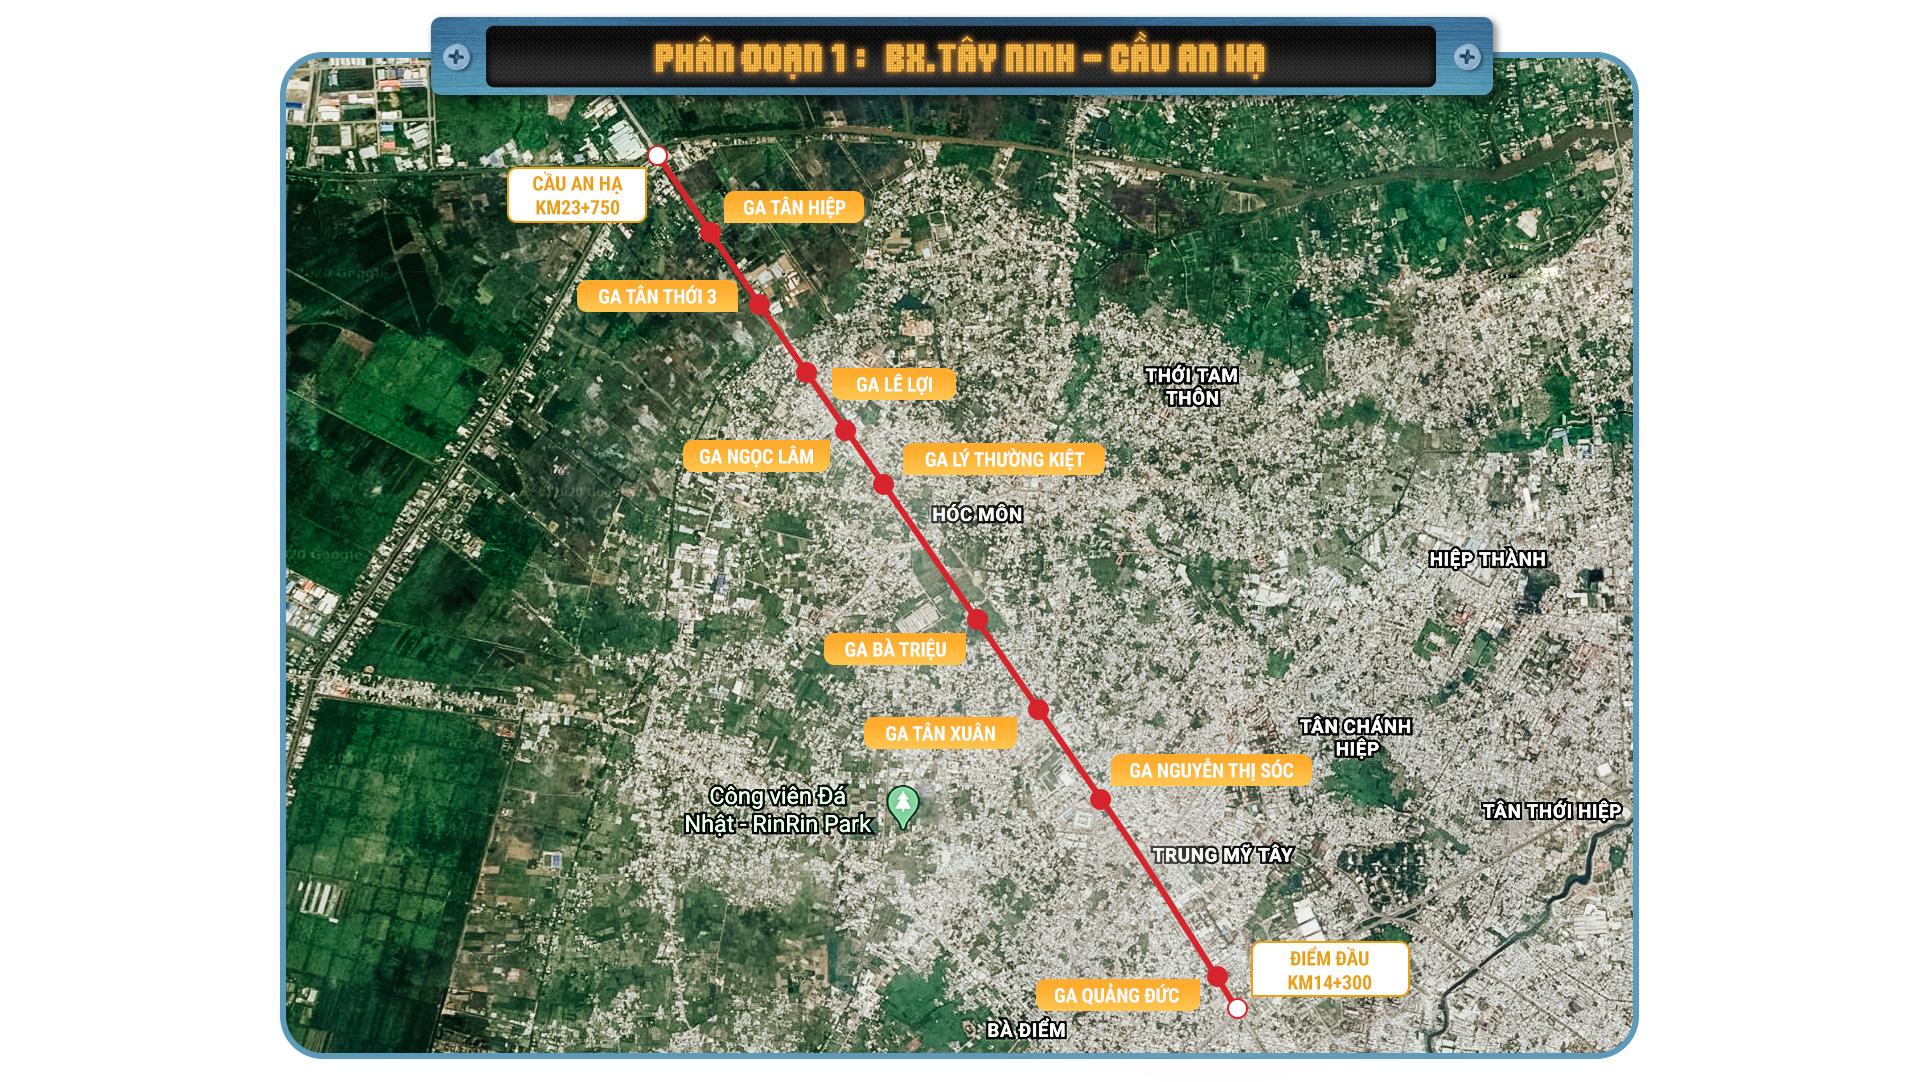 Metro số 2 Bến Thành  - Tham Lương tuyến metro xuyên tâm dài nhất TP.HCM - Ảnh 3.